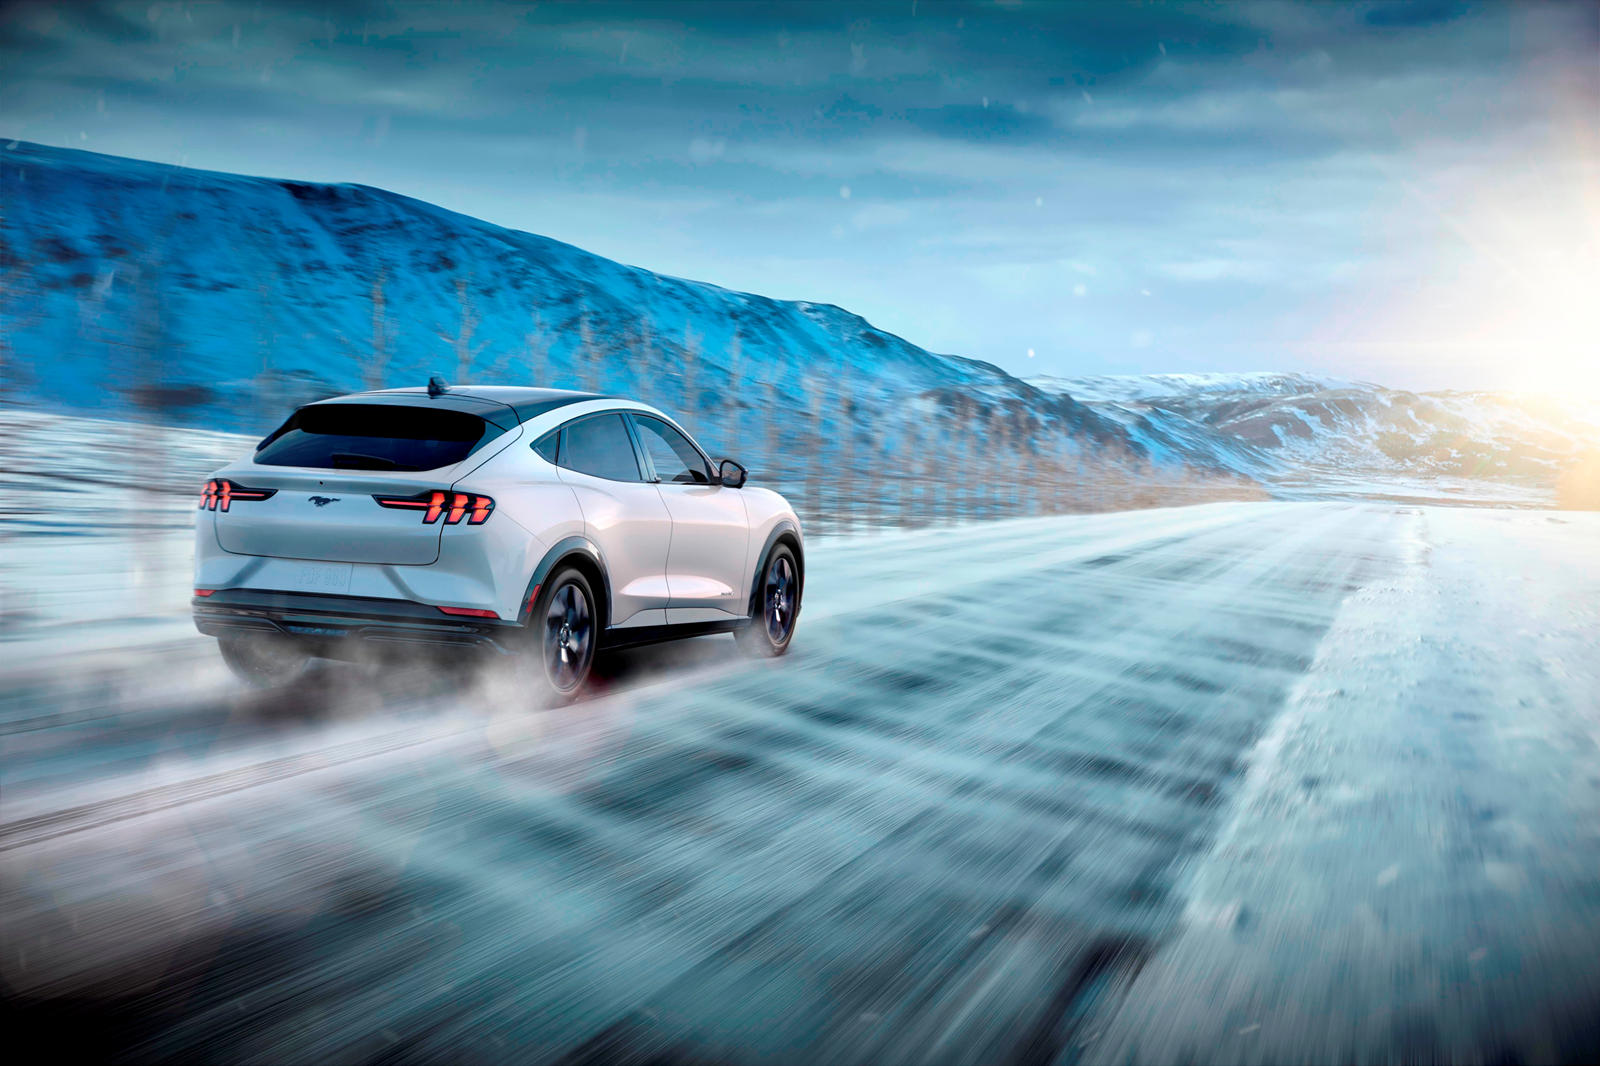 Ford не шутил, когда сказал, что первое издание «не будет длиться долго». Тем не менее, стоит отметить, что в случае возврата клиентам депозита в размере 500 долларов США могут появиться дополнительные бронирования. В течение первого года производств